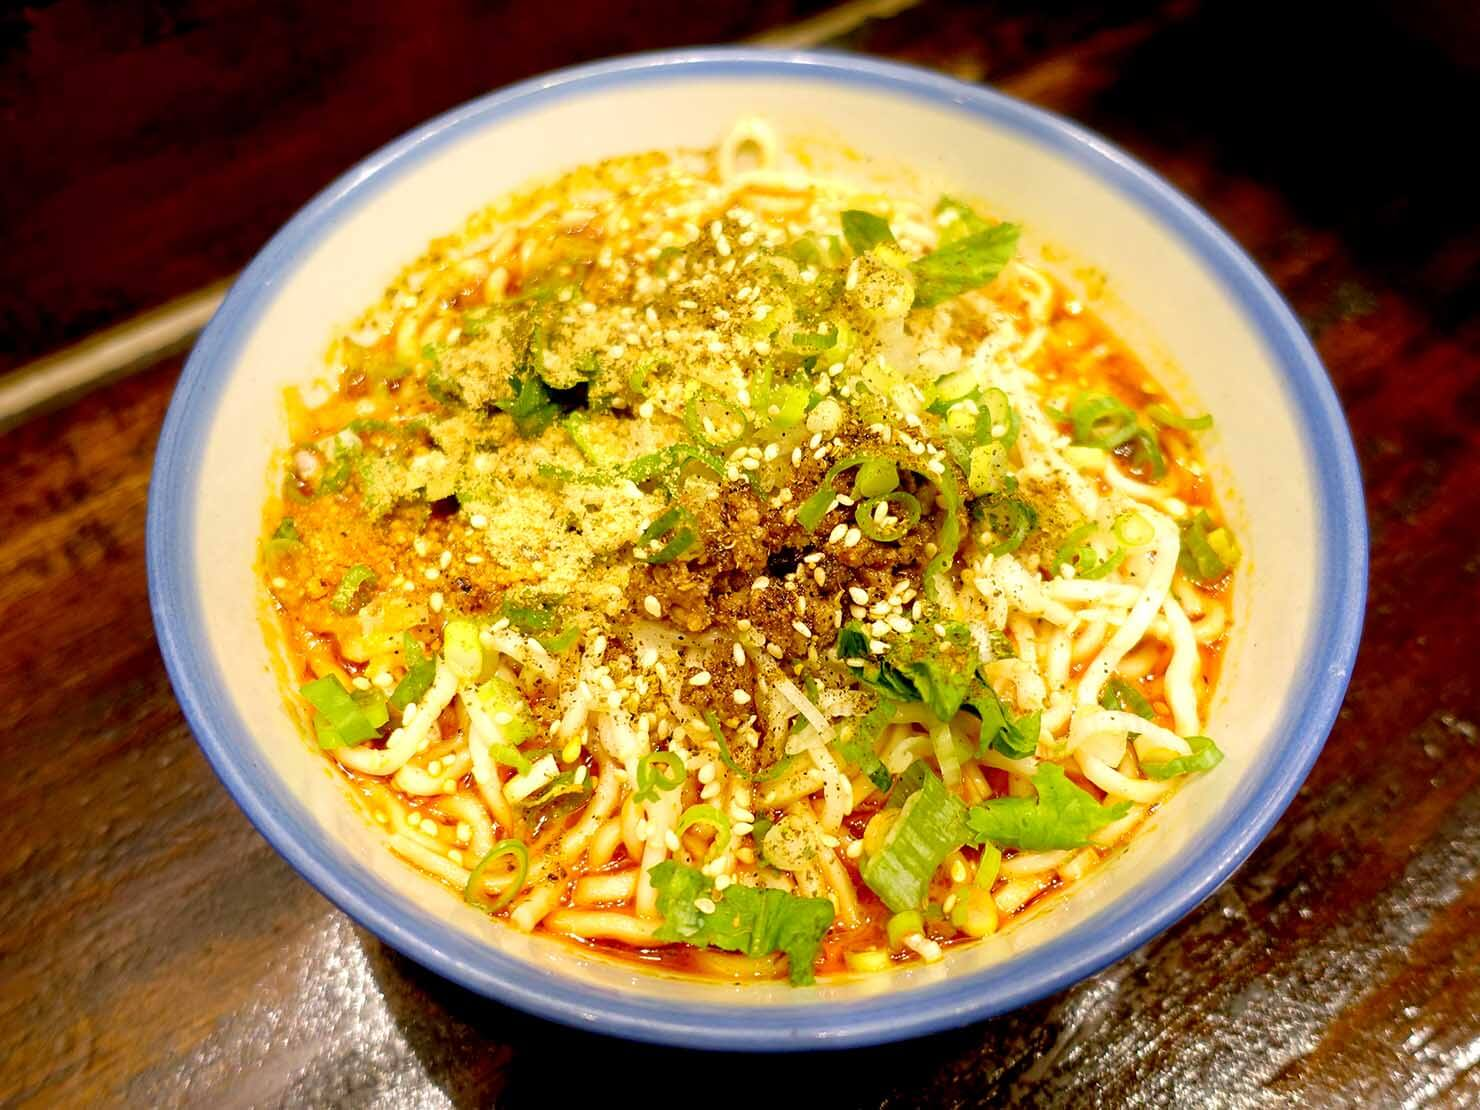 台北・遼寧街夜市のおすすめグルメ店「蘭芳麵食館」の蘭芳花椒麵